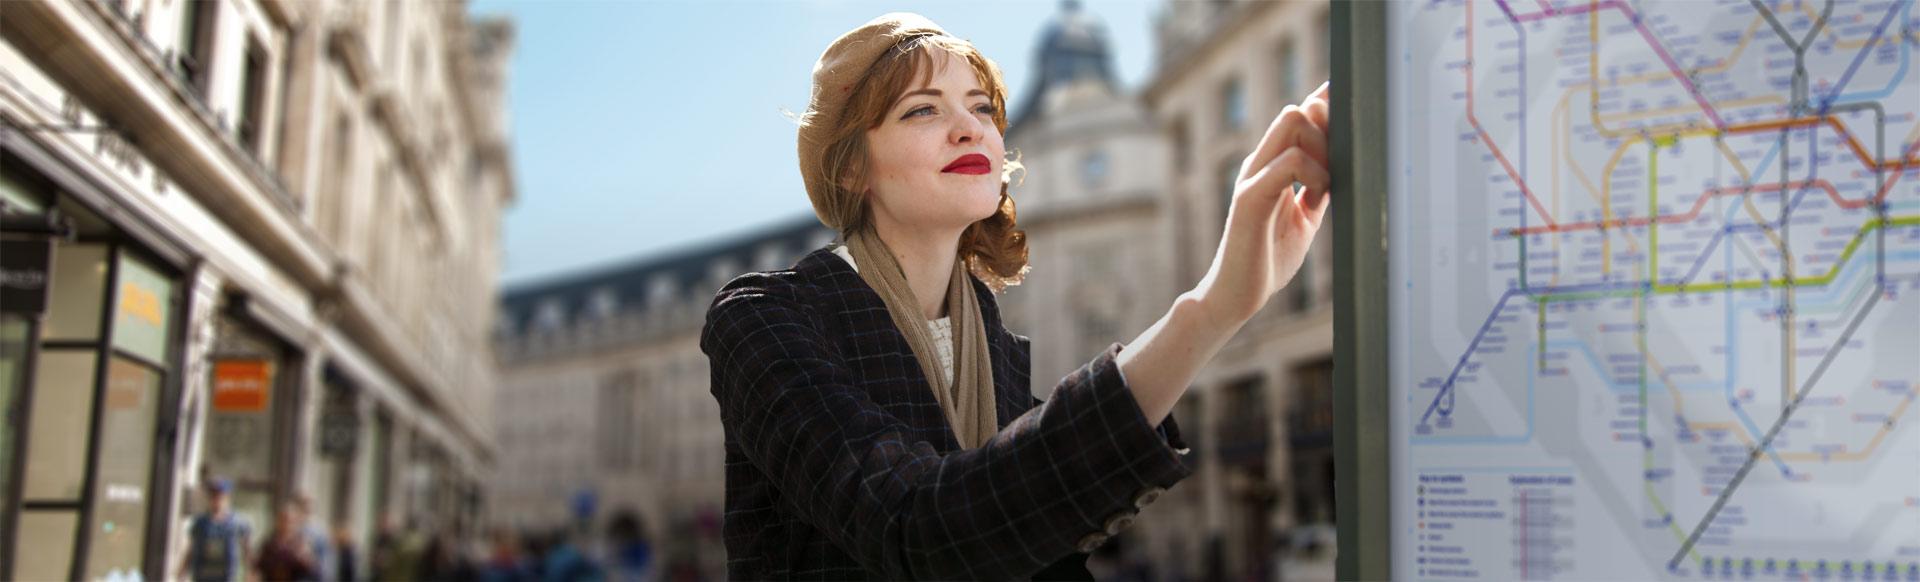 Woman reading a map in Regent Street